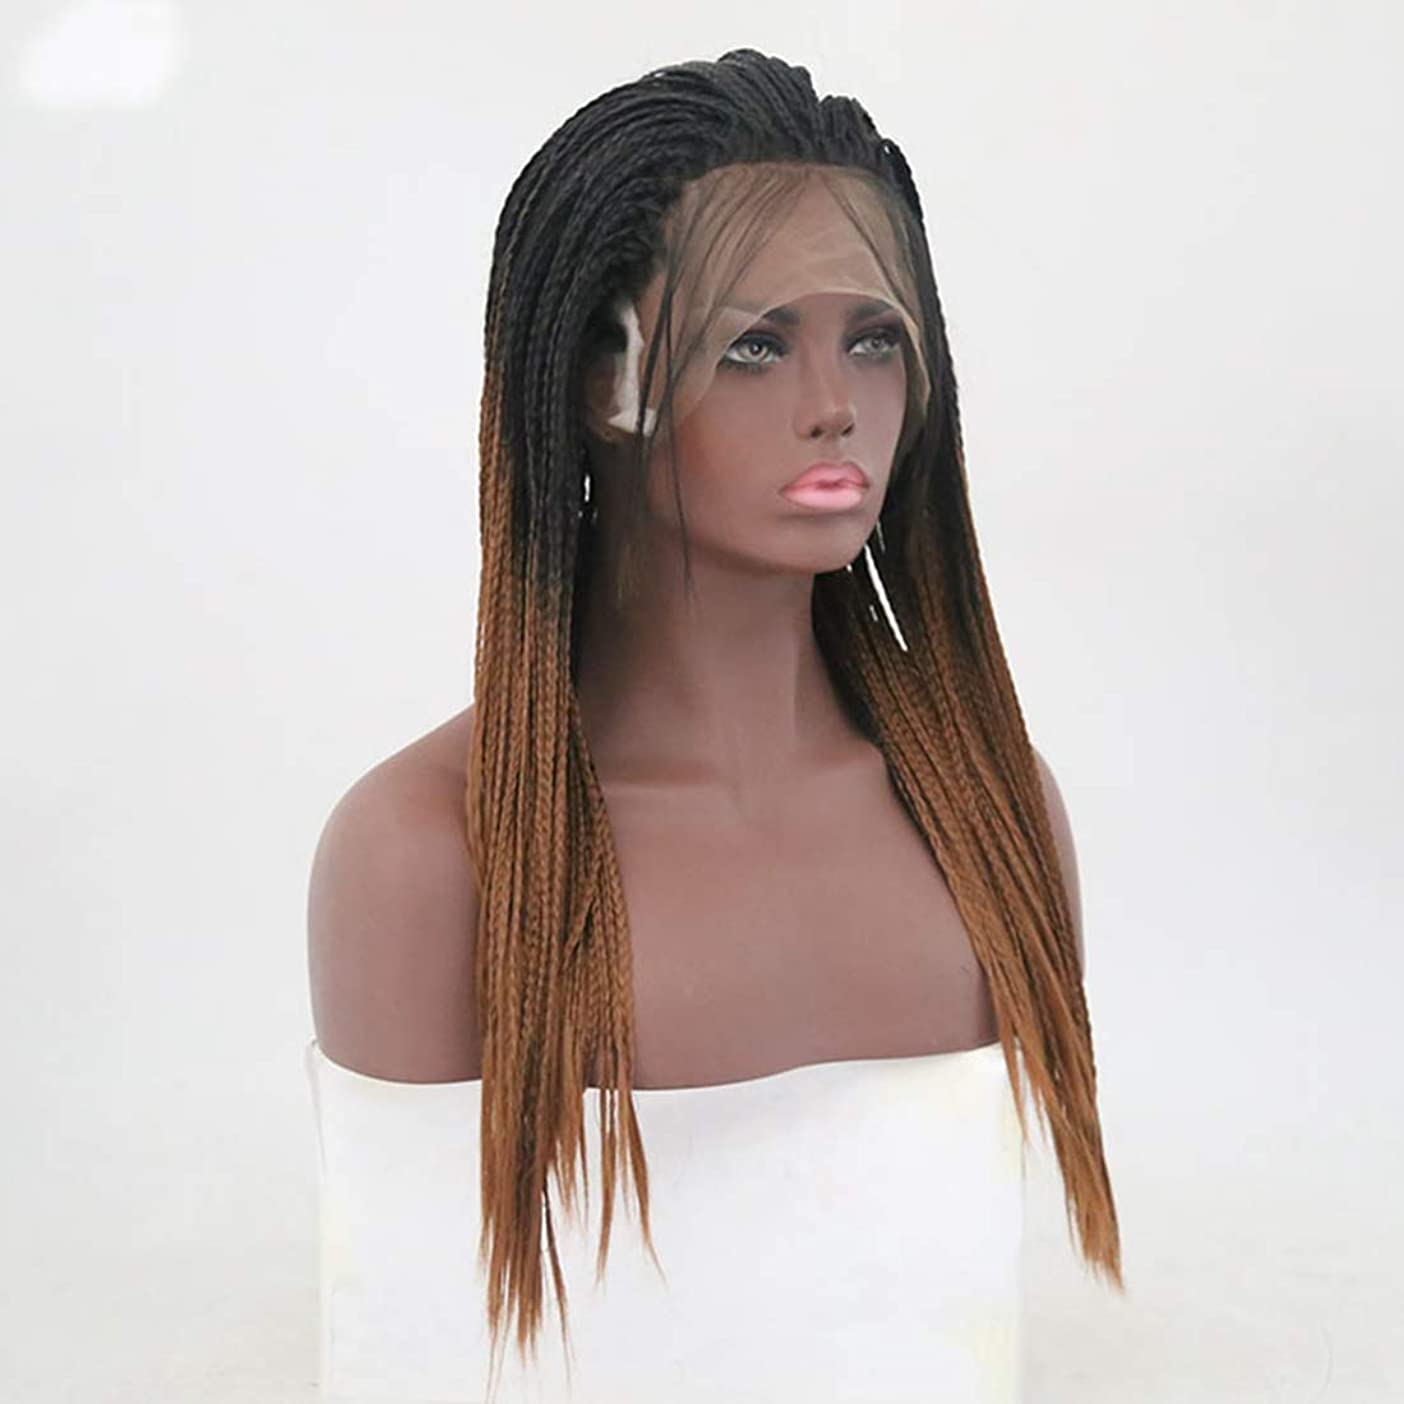 公爵指紋壊すKoloeplf アフリカの小さなボリューム編まれた髪汚れたかつらブラウンロングストレートヘアウィッグフロントレース化学繊維ヘアウィッグ (サイズ : 18 inches)